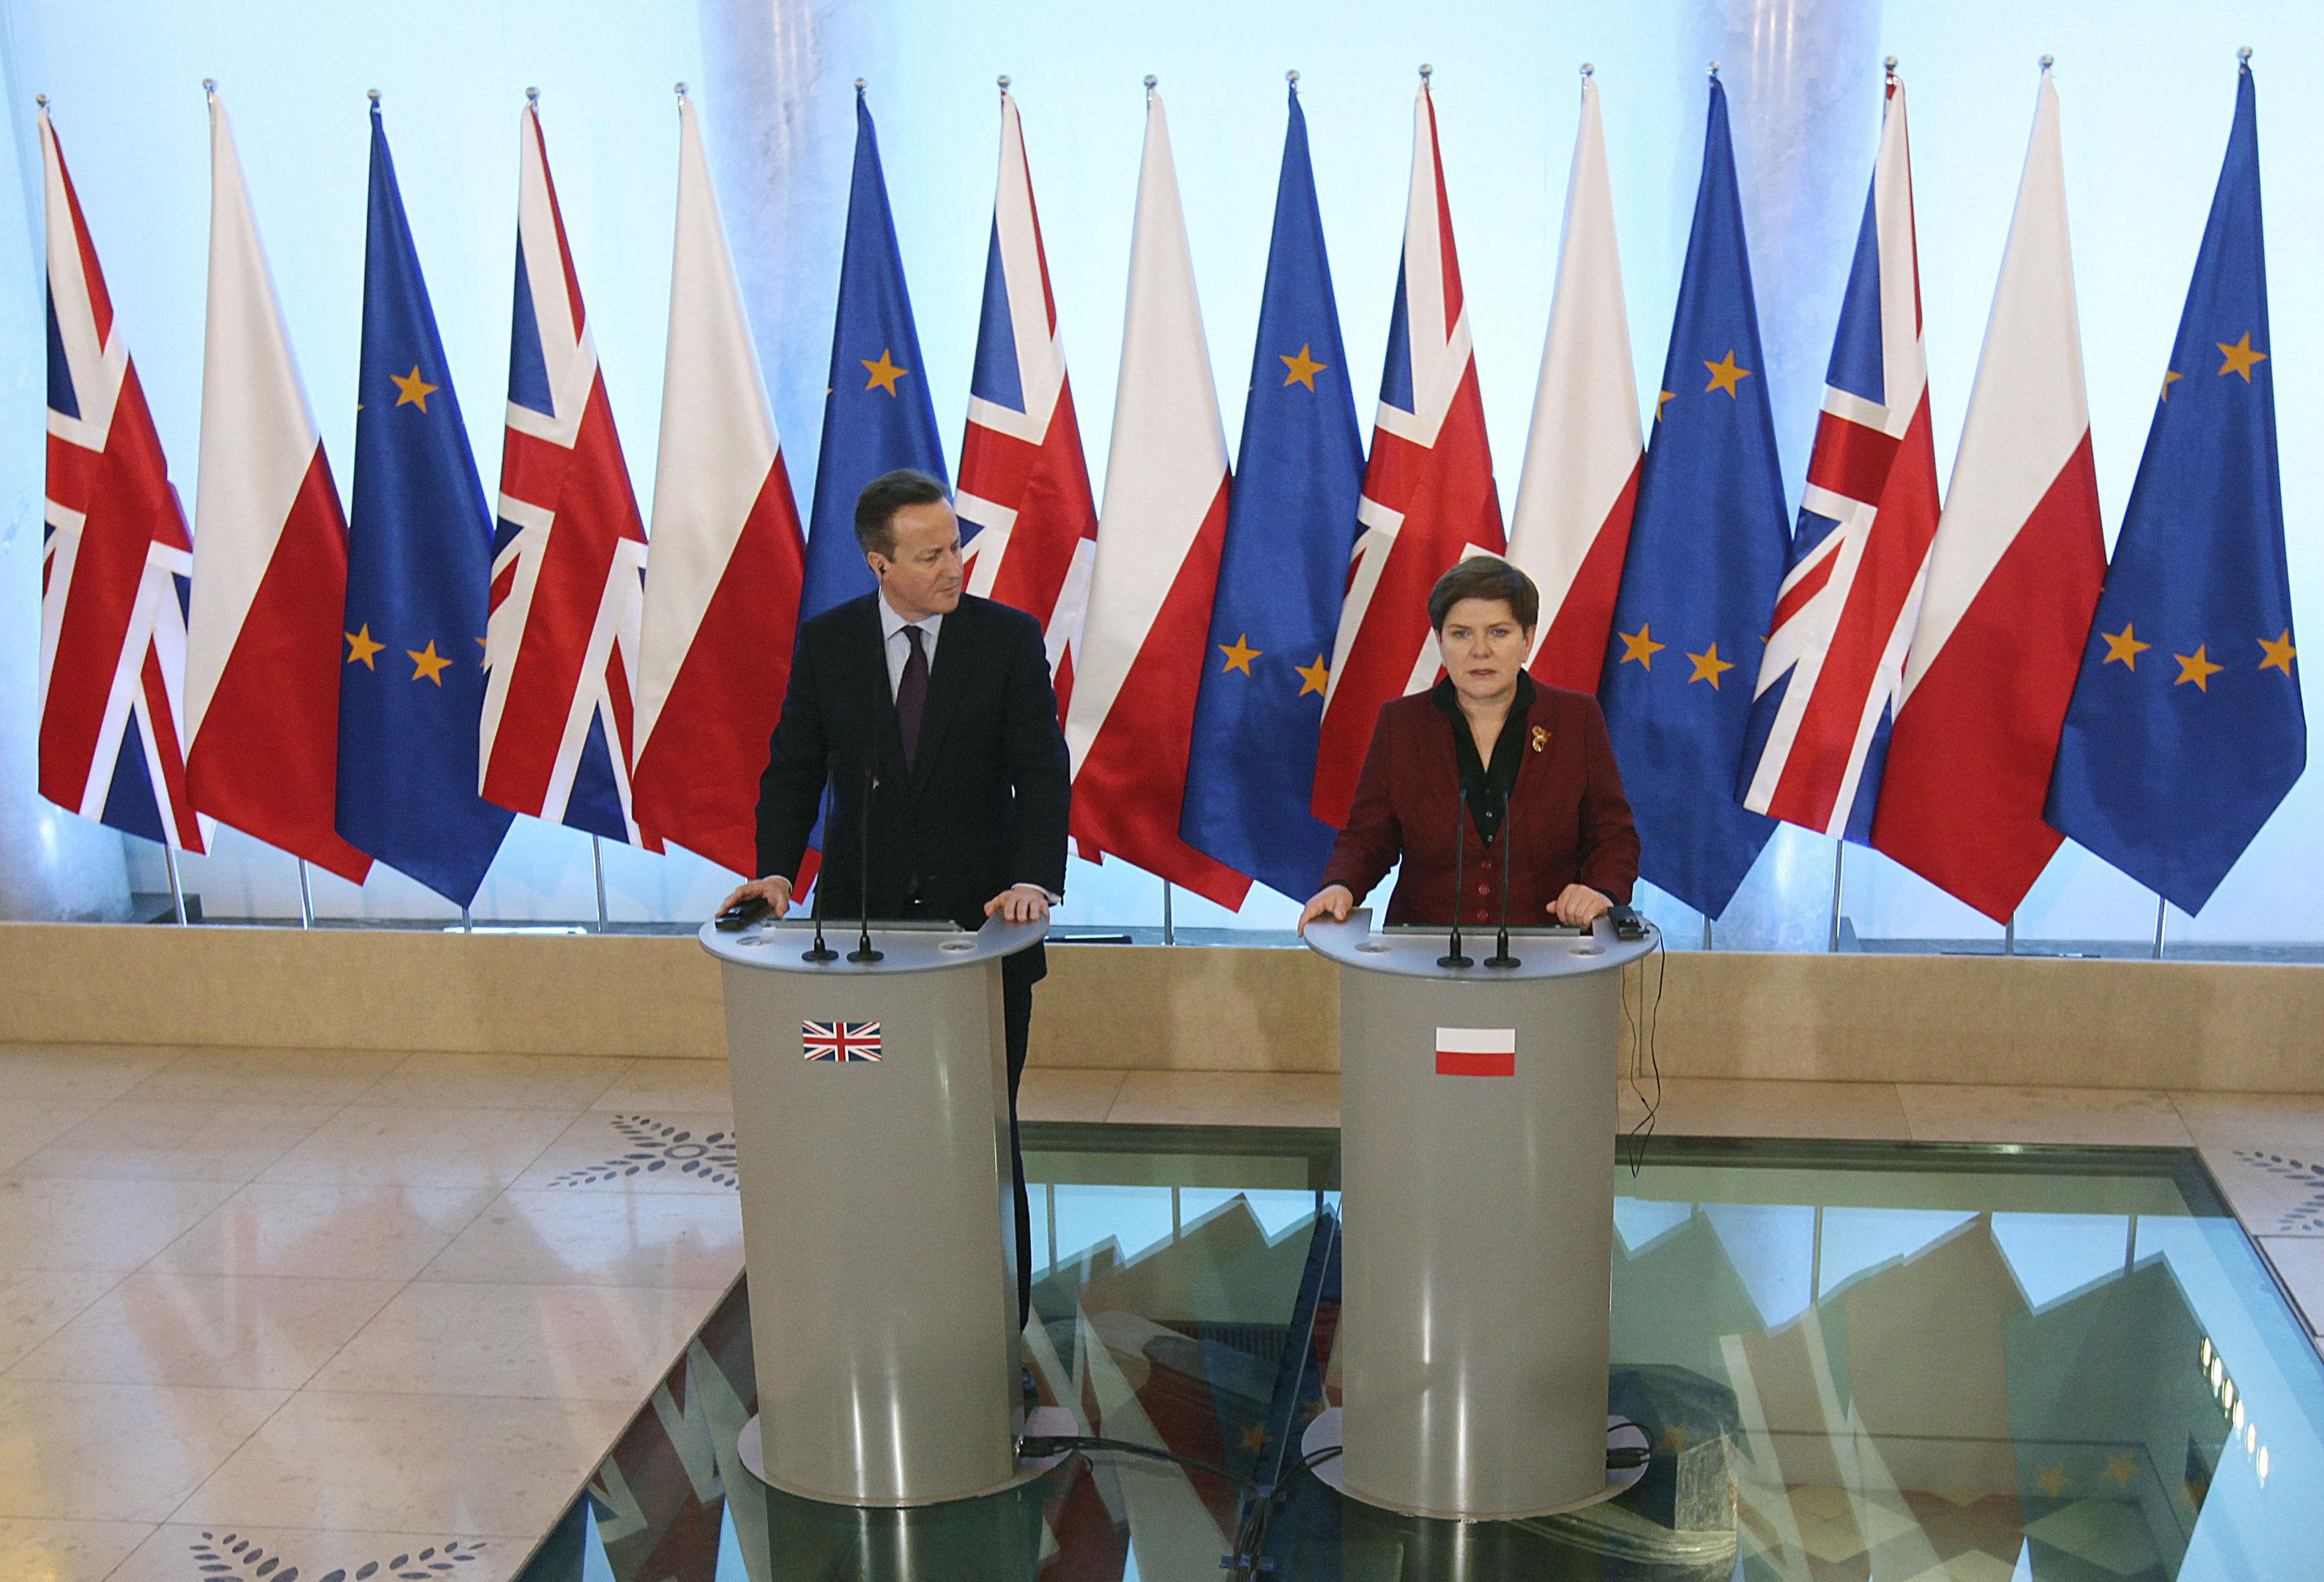 Polish Prime Minister Beata Szydlo, right, and David Cameron (AP Photo/Czarek Sokolowski)